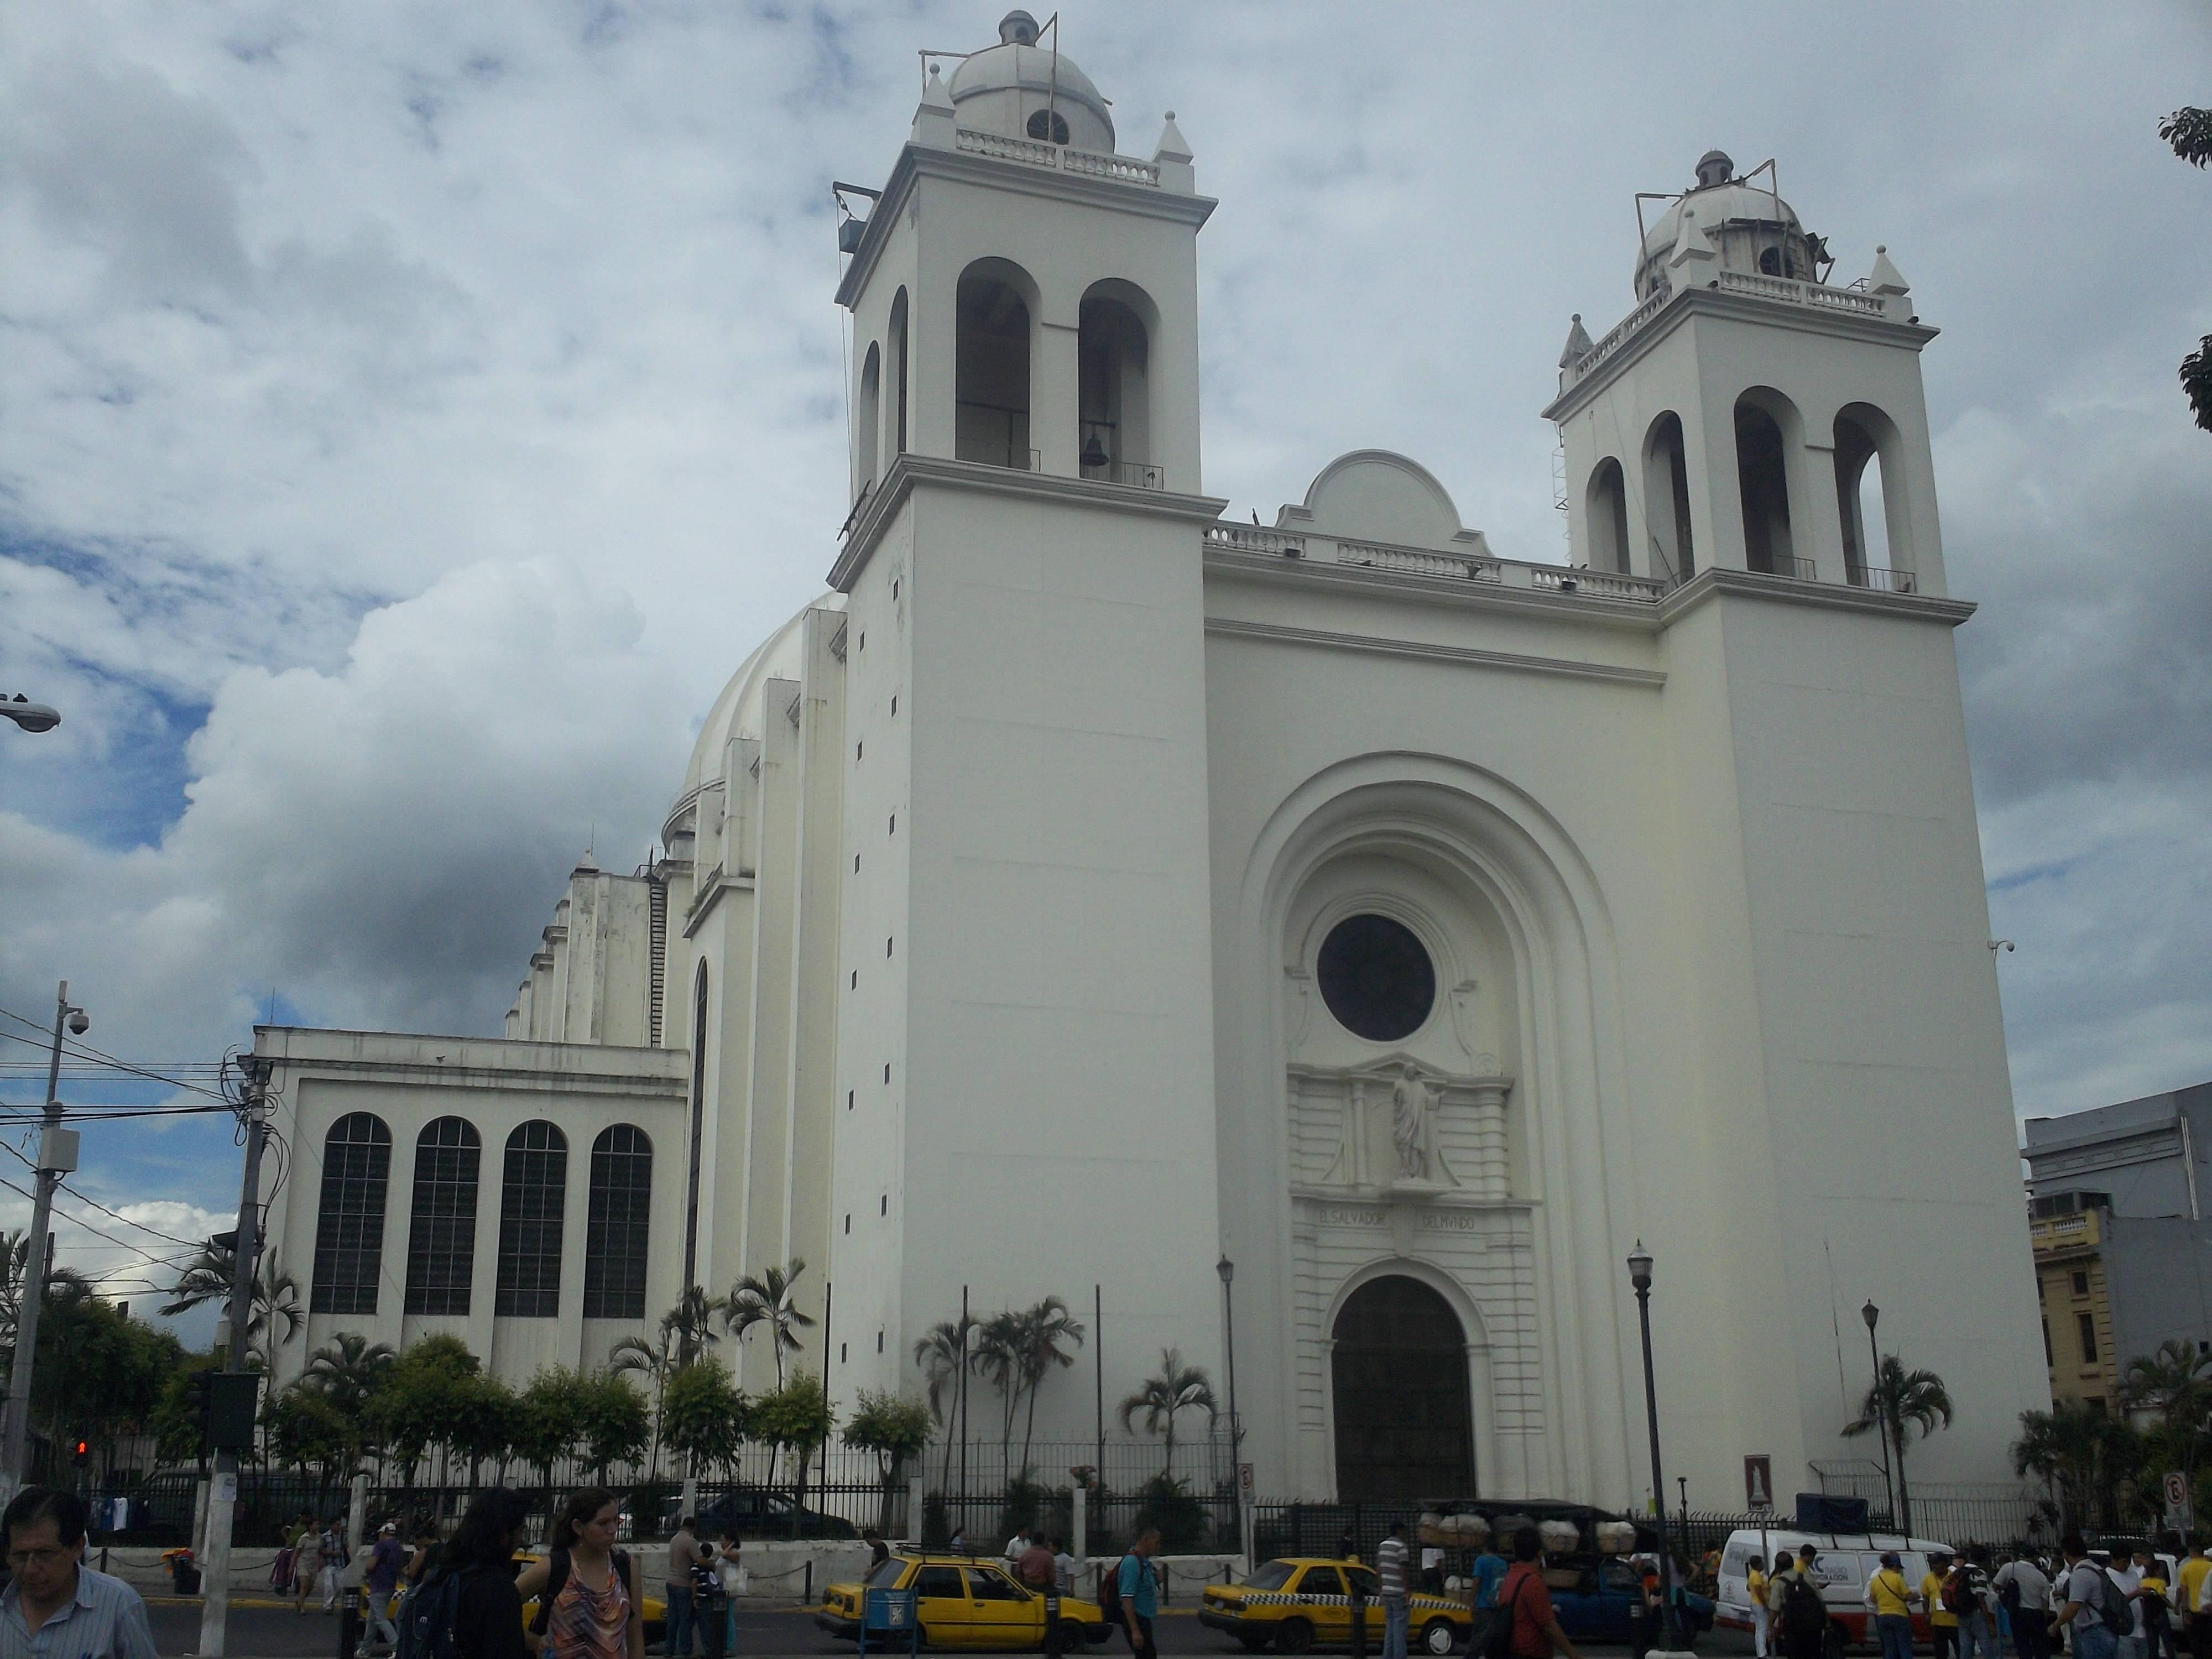 السلفادور - يعني